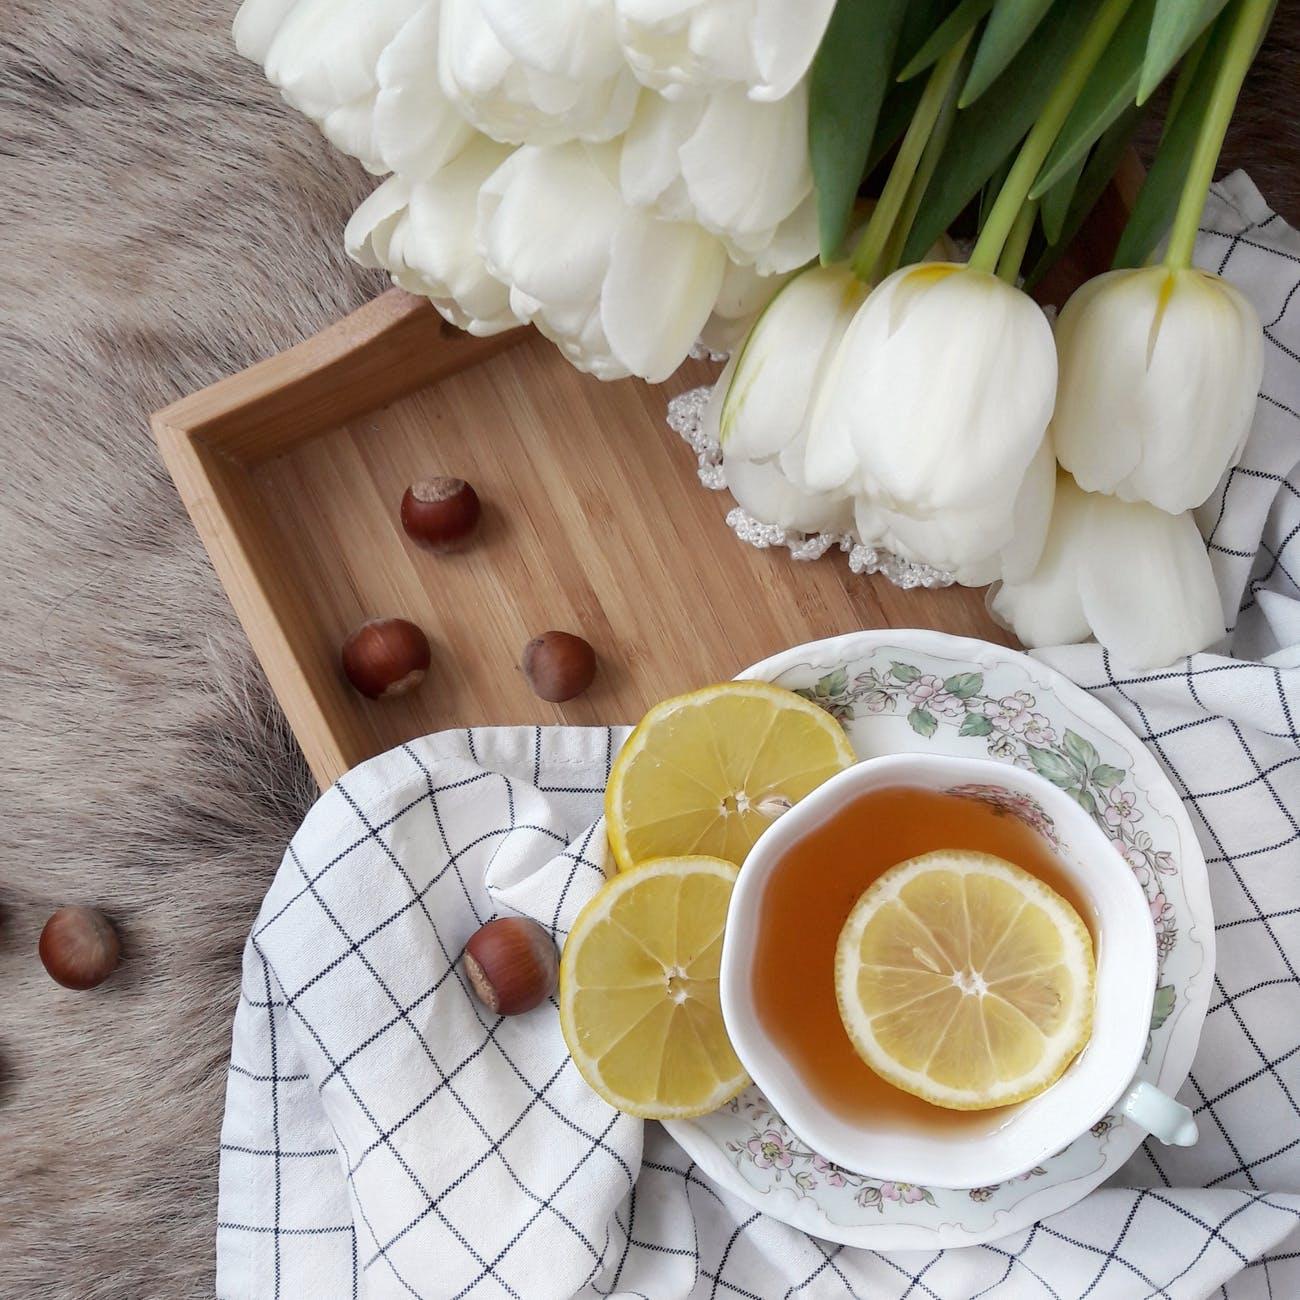 Estos son los beneficios para la salud asociados con beber té verde, blanco y negro